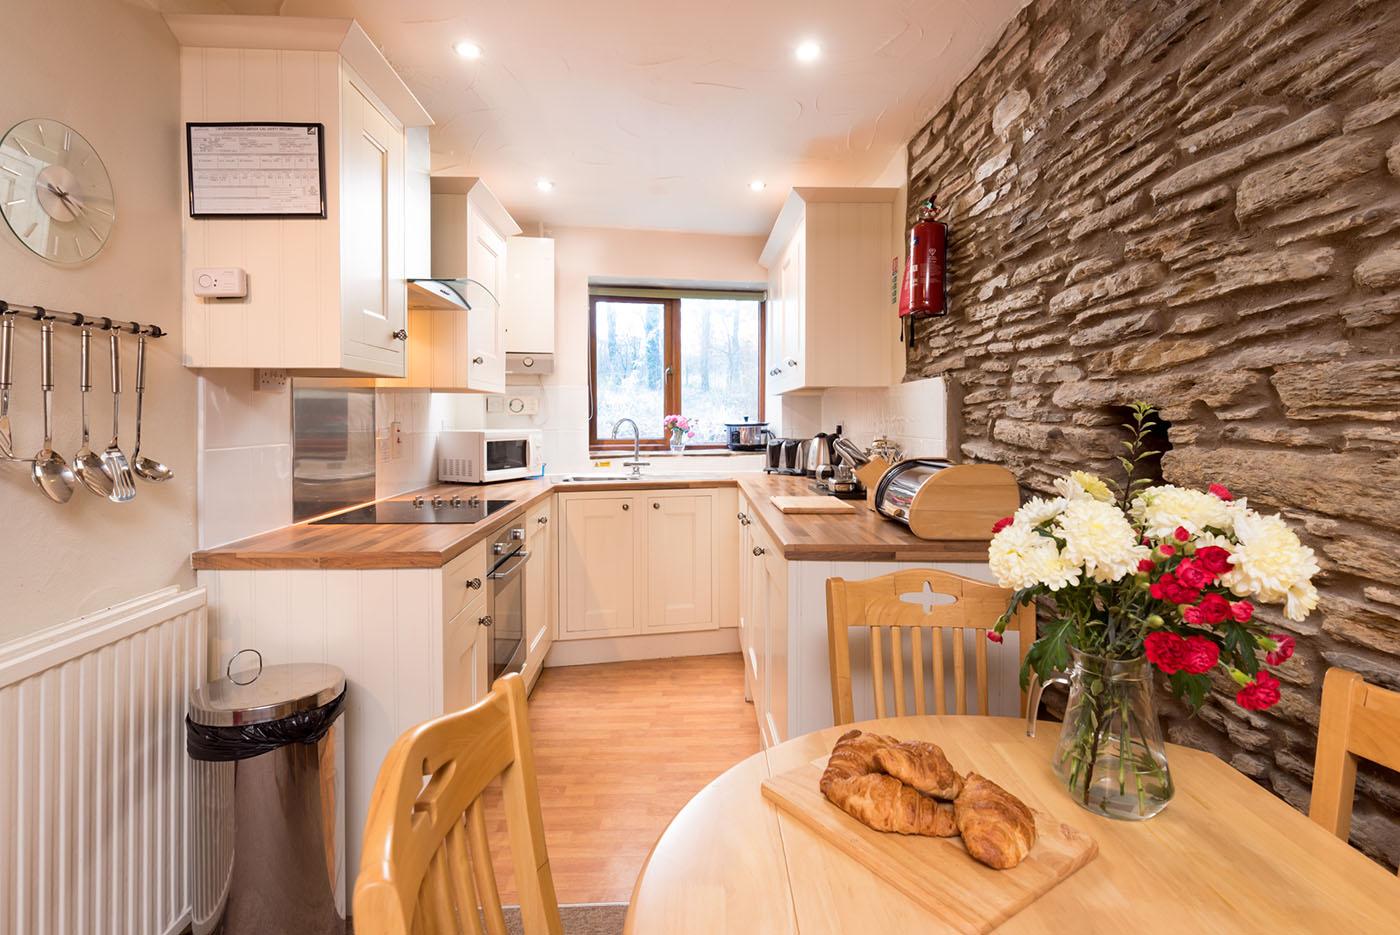 Linhay kitchen